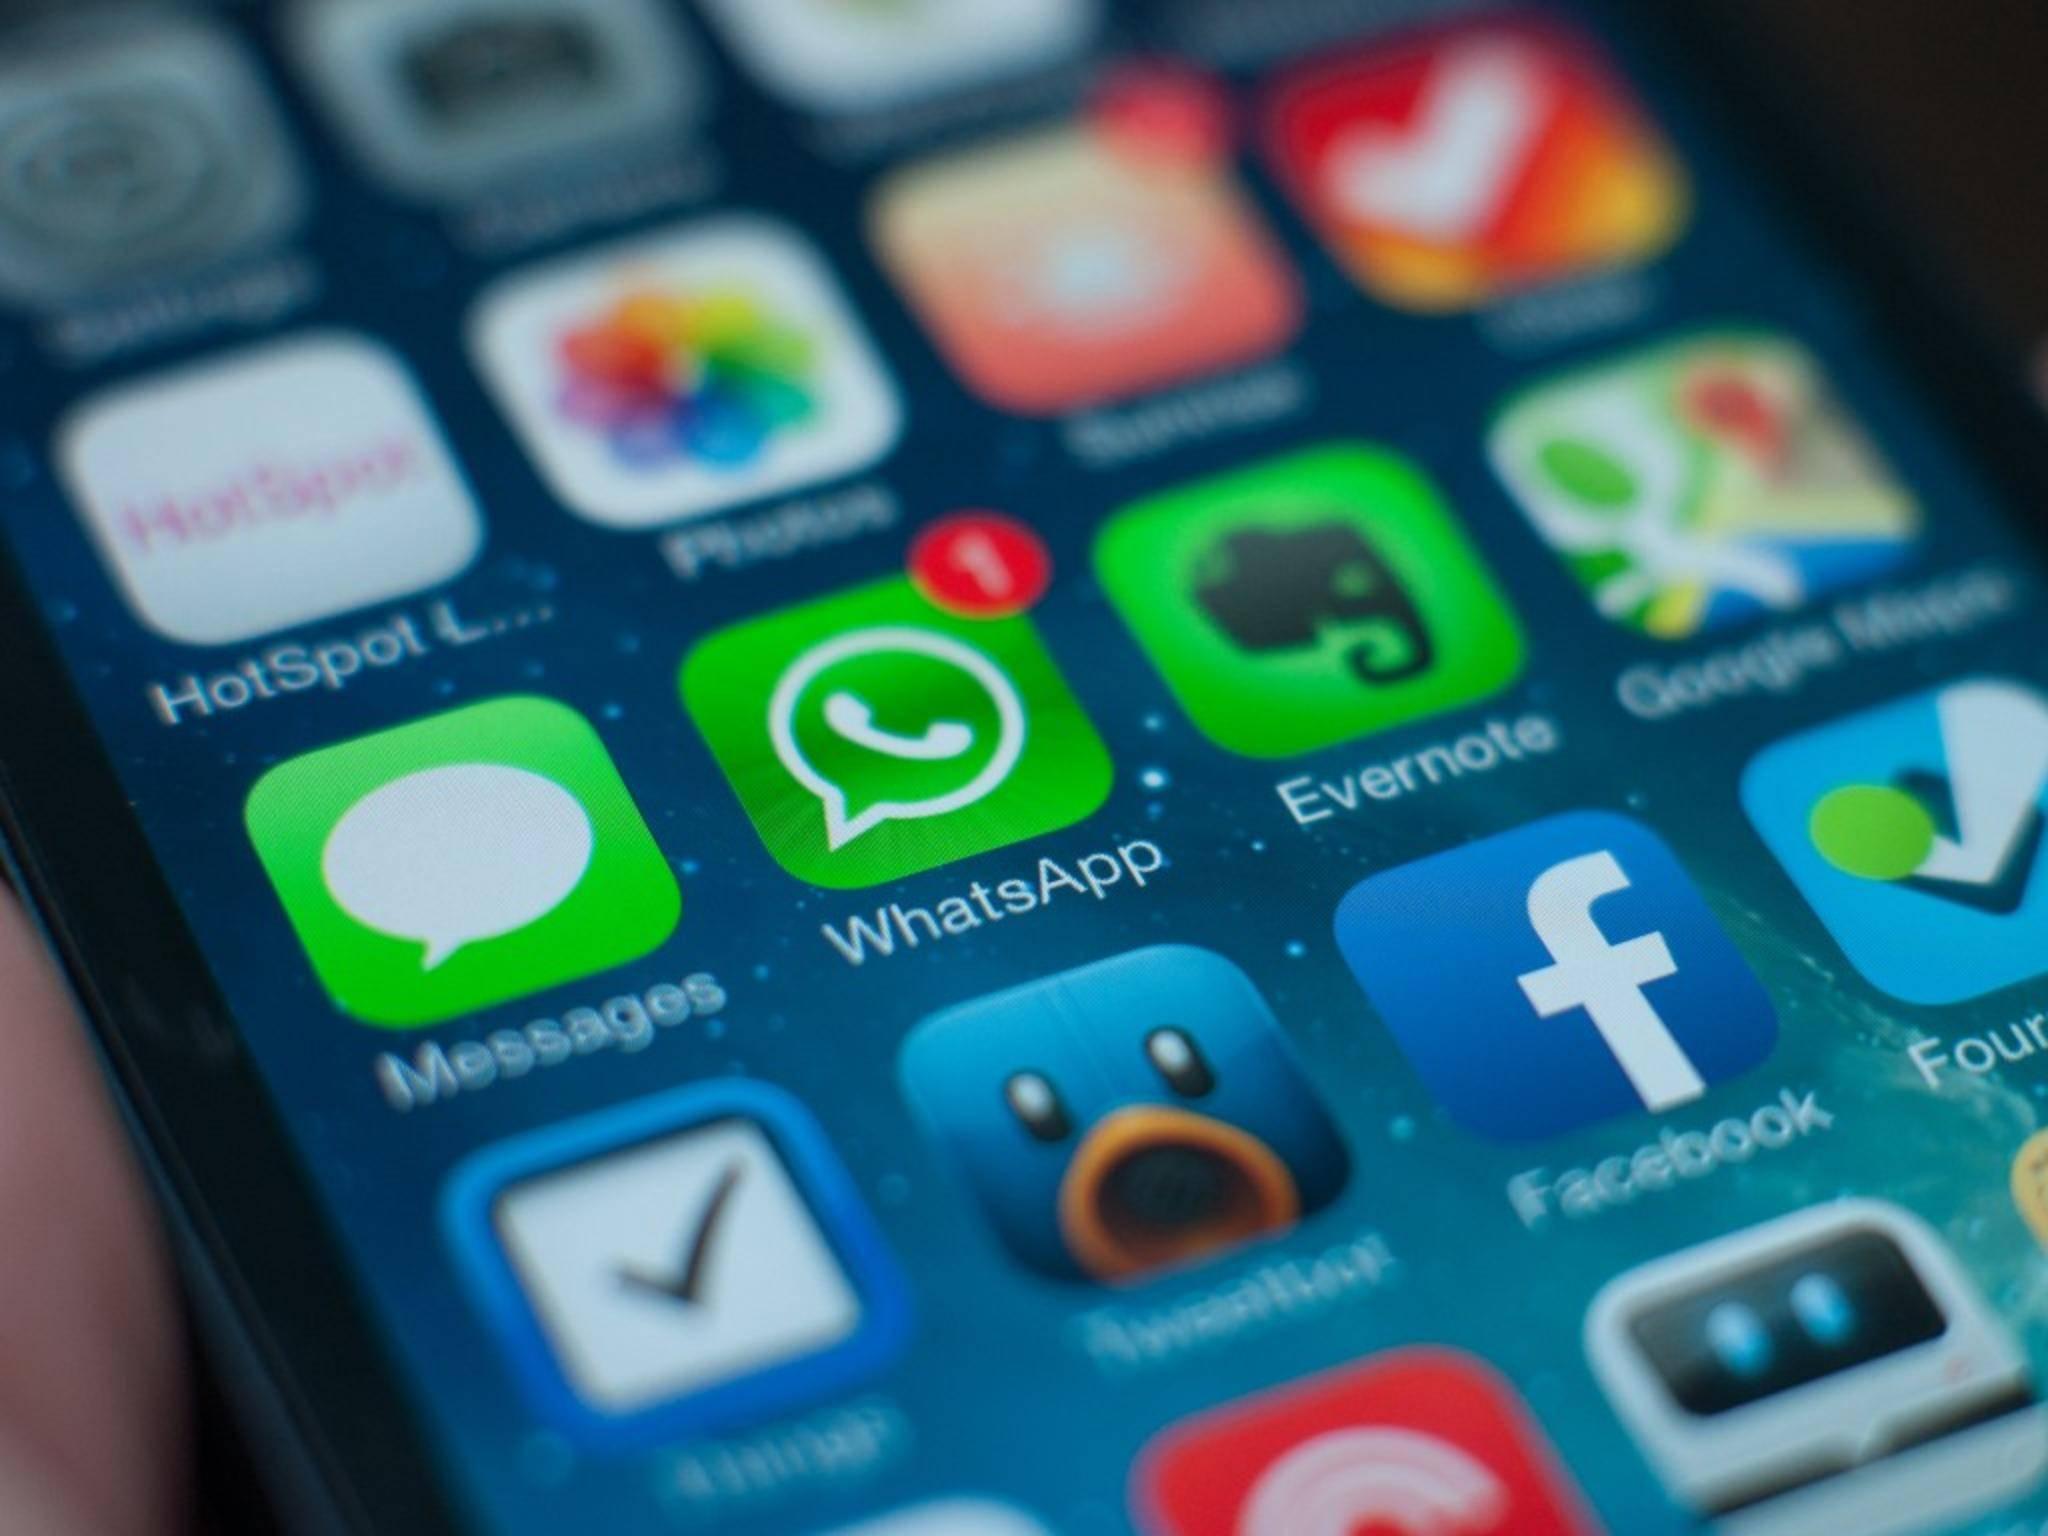 WhatsApp könnte beim Telefonie-Feature Skype-Anrufe anbieten.